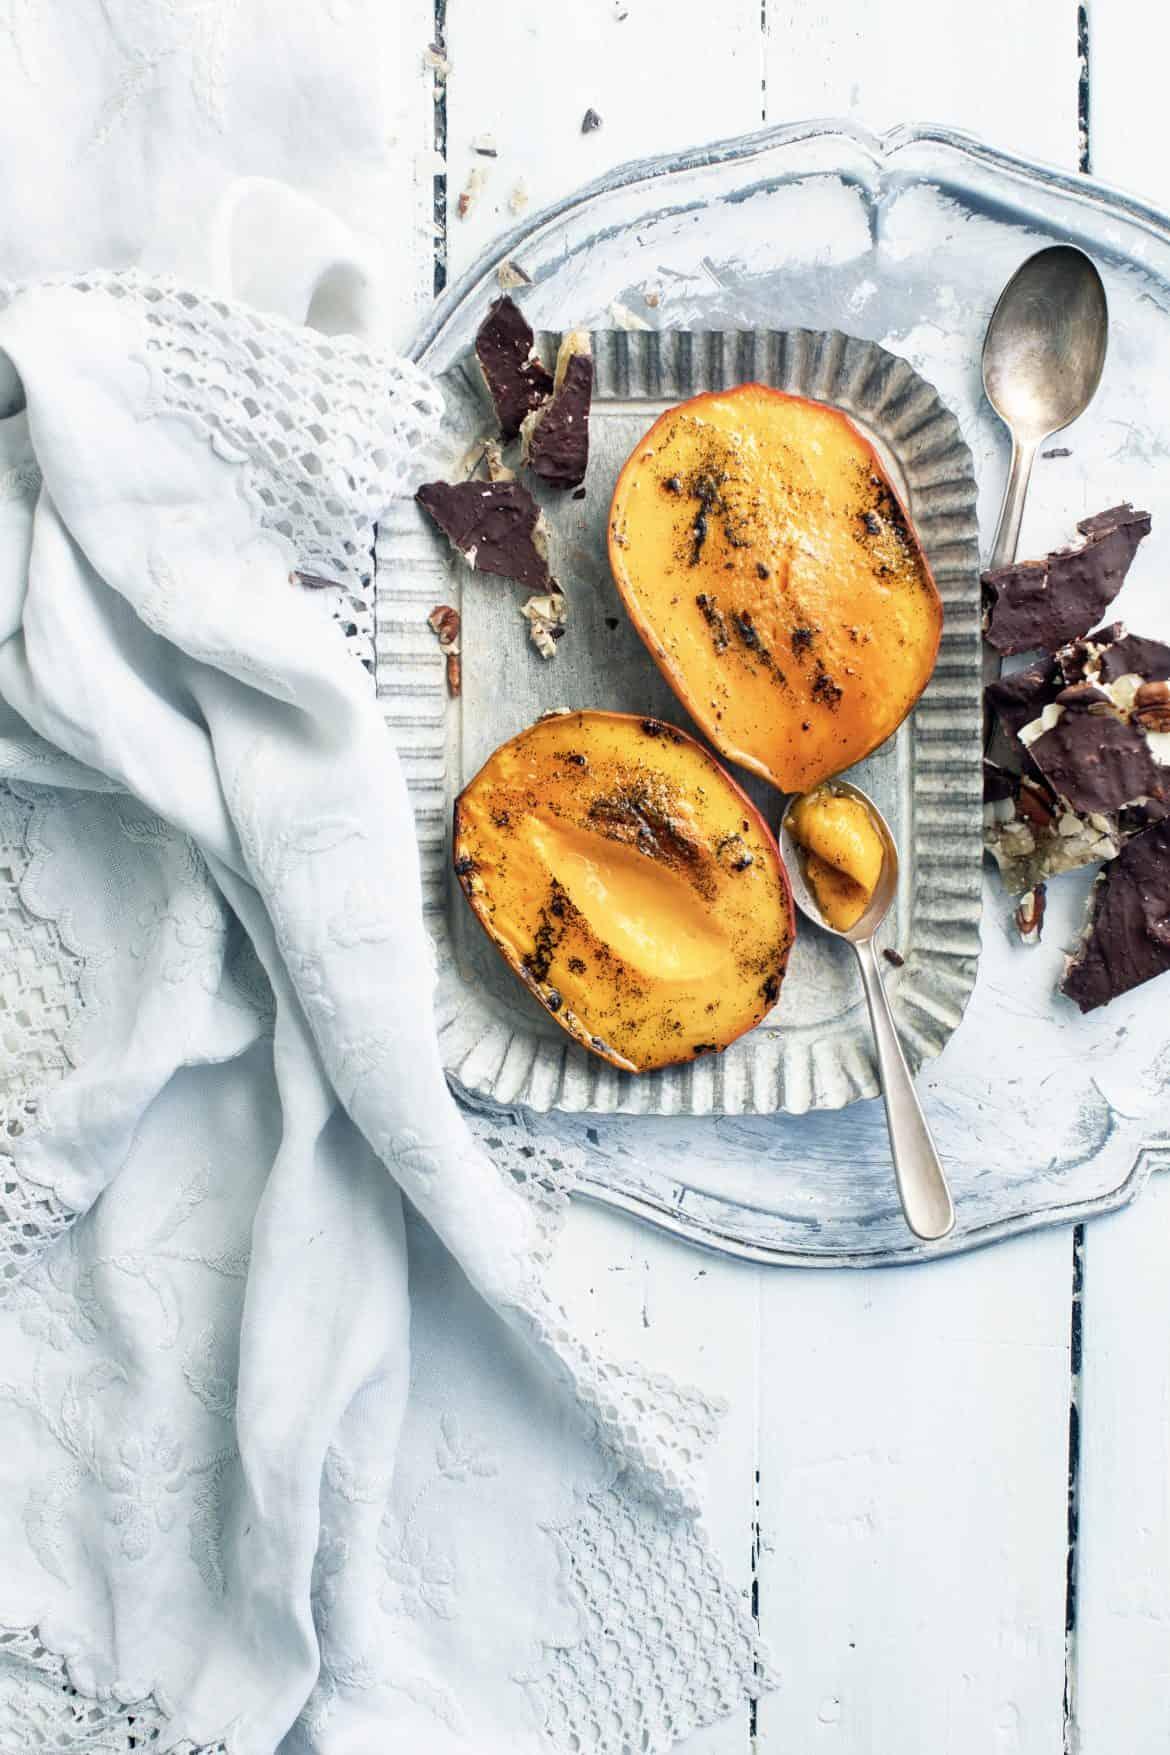 Caramel d'amandes au chocolat et mangue rôtie 1